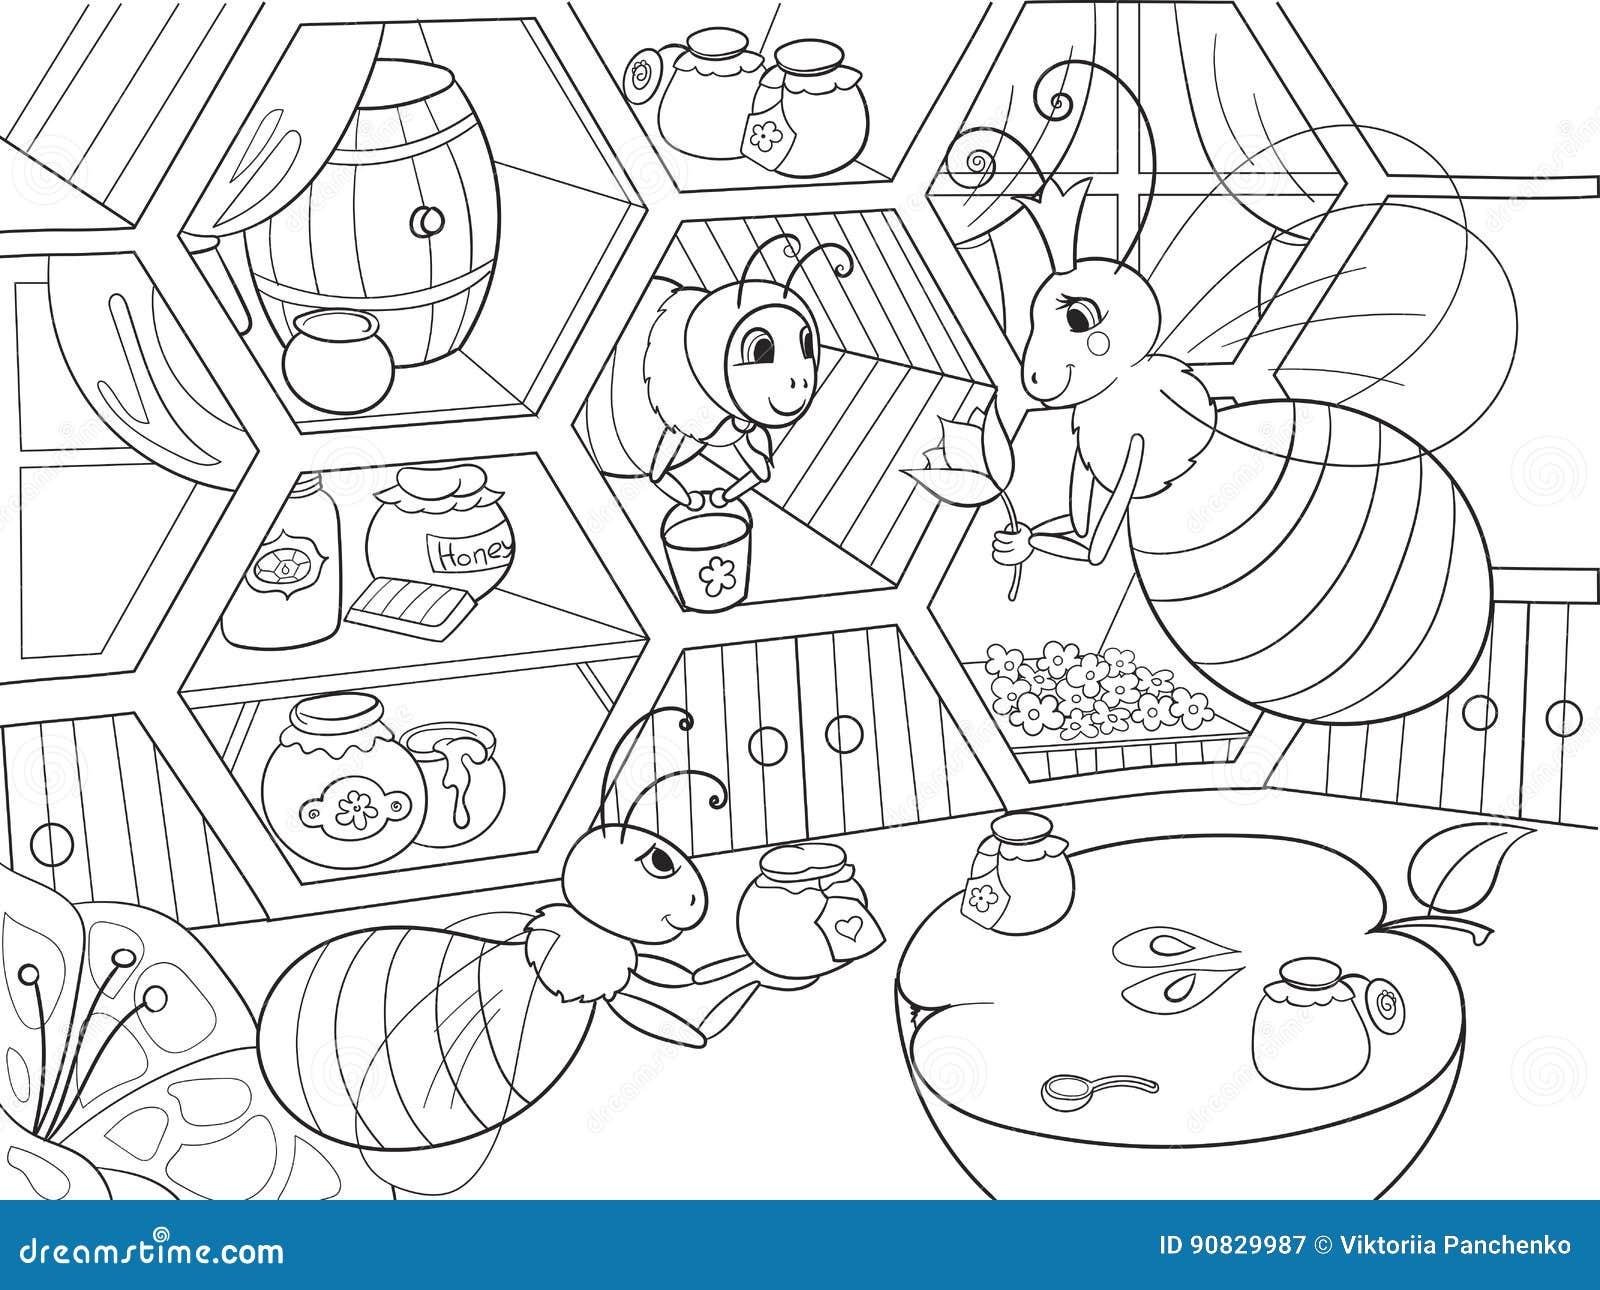 L 39 interno e la vita familiare delle api nella coloritura for Disegni della casa della cabina di ceppo